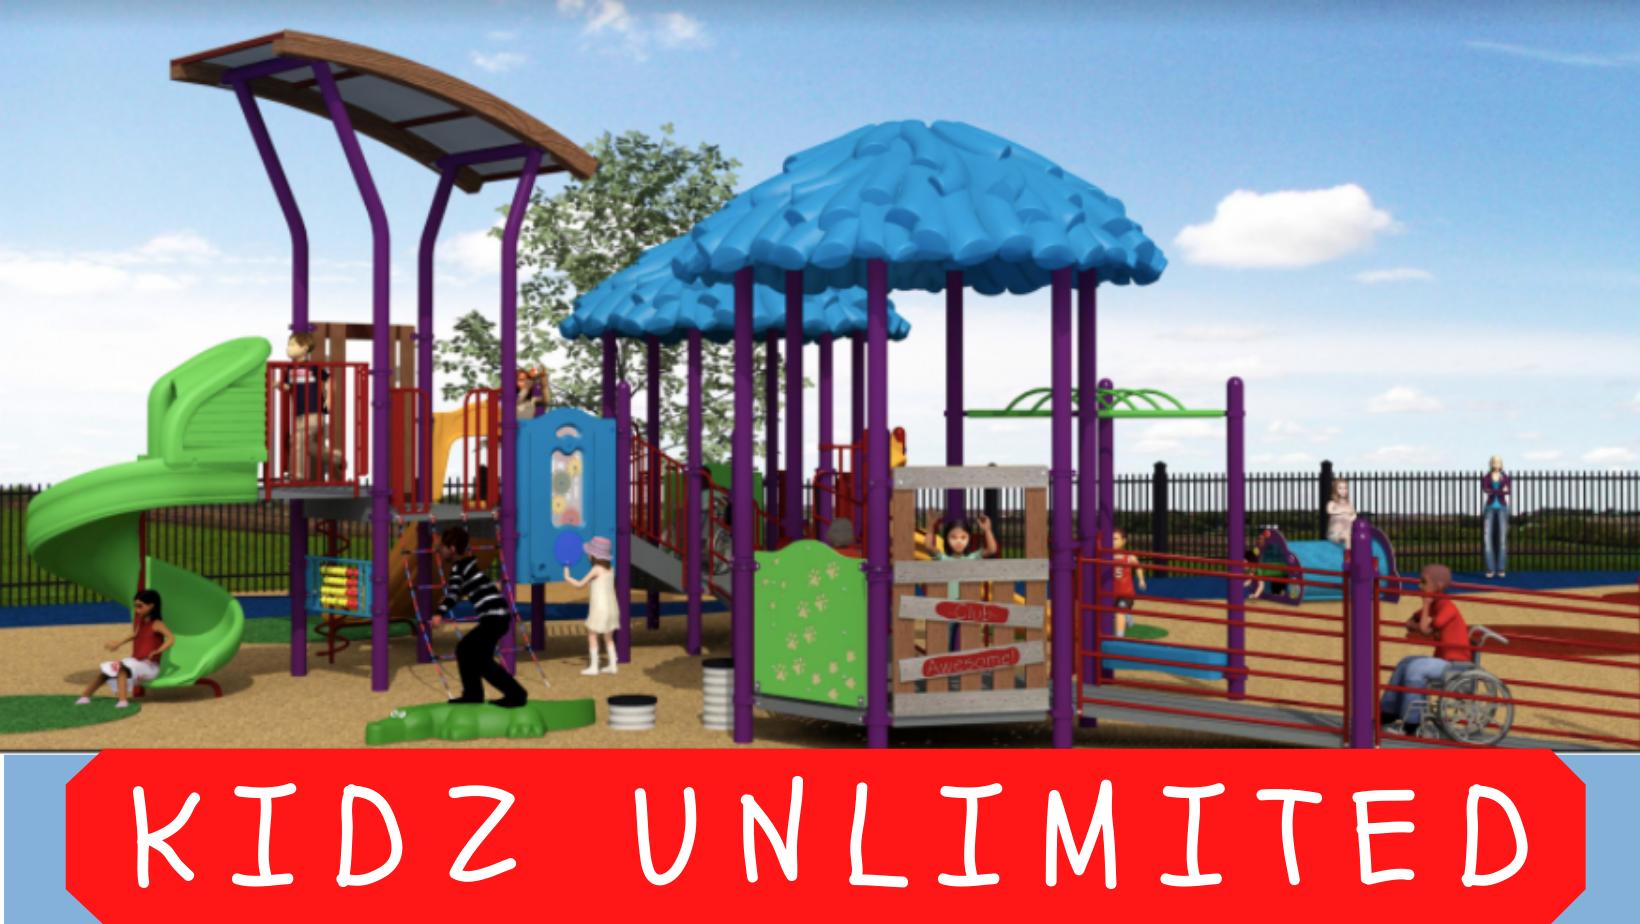 Kidz Unlimited